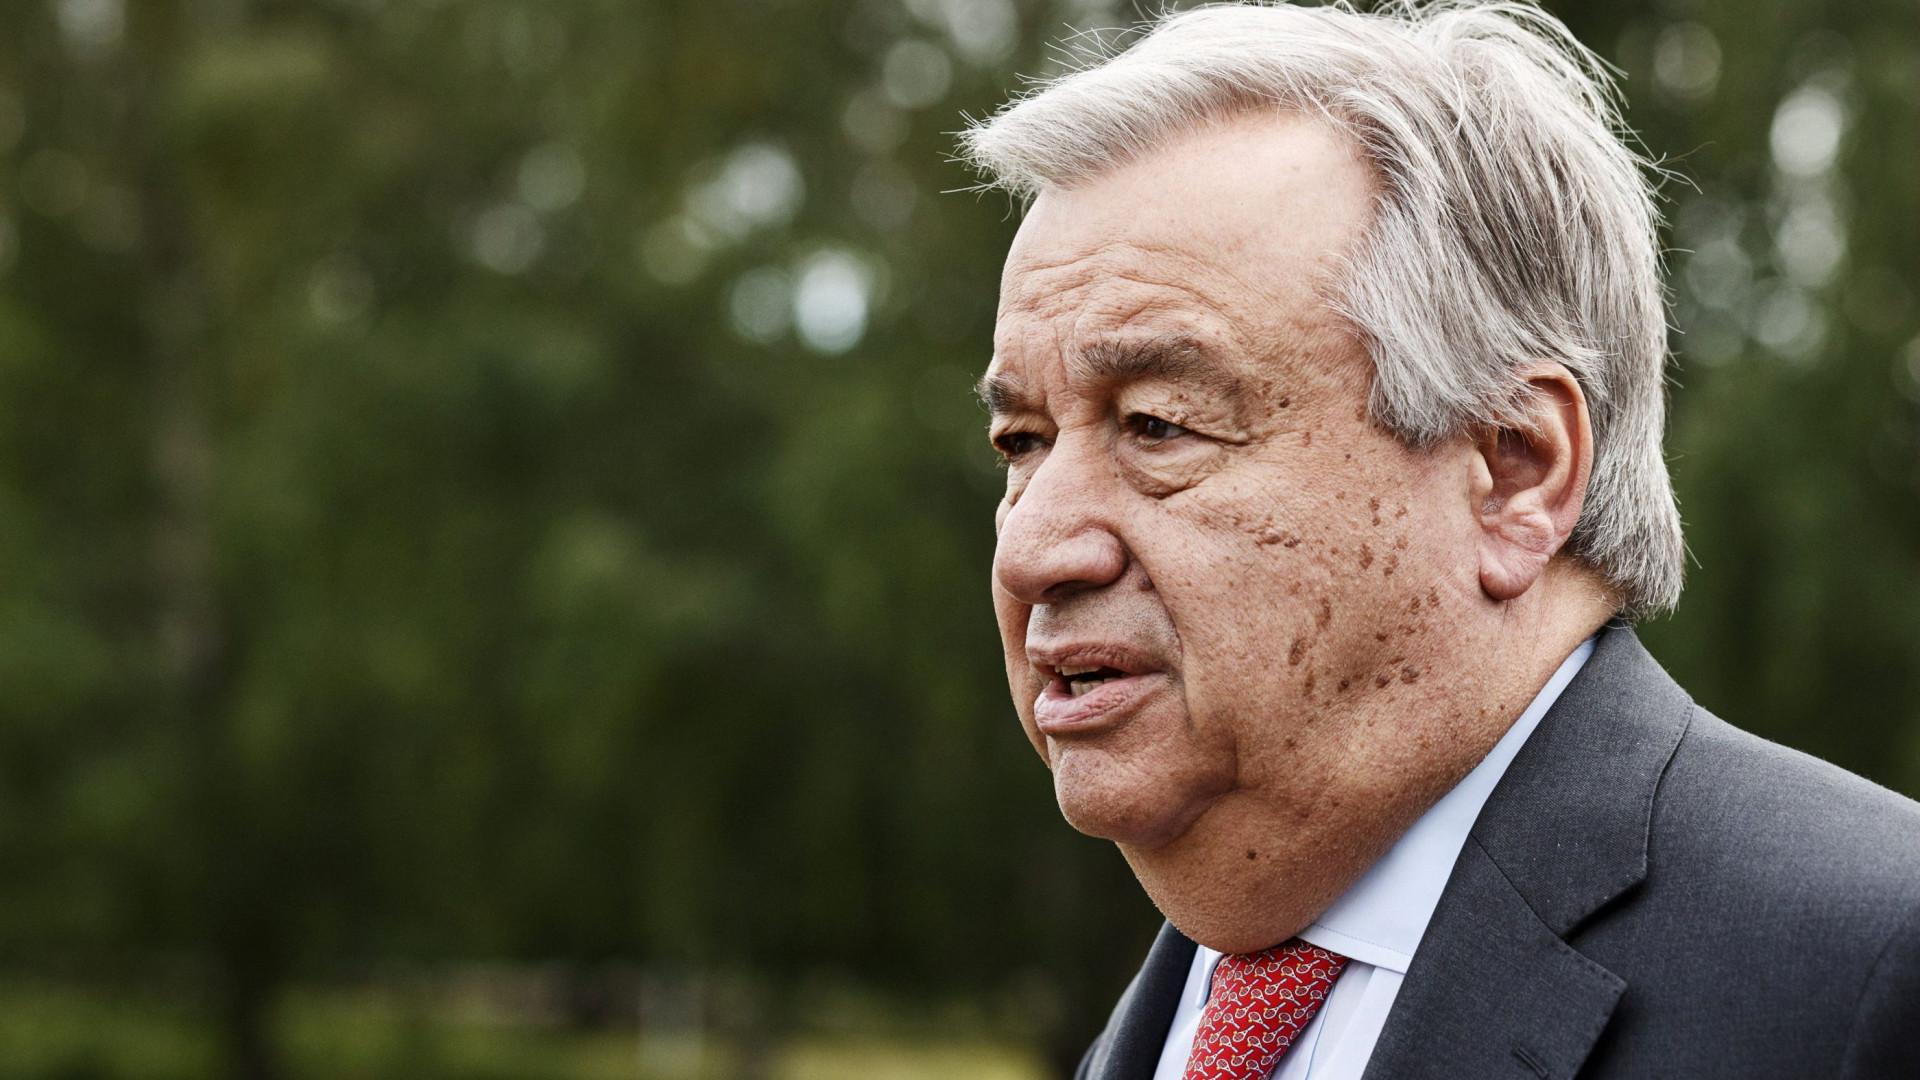 Guterres trouxe mudanças e aumentou eficácia da ONU em quase dois anos